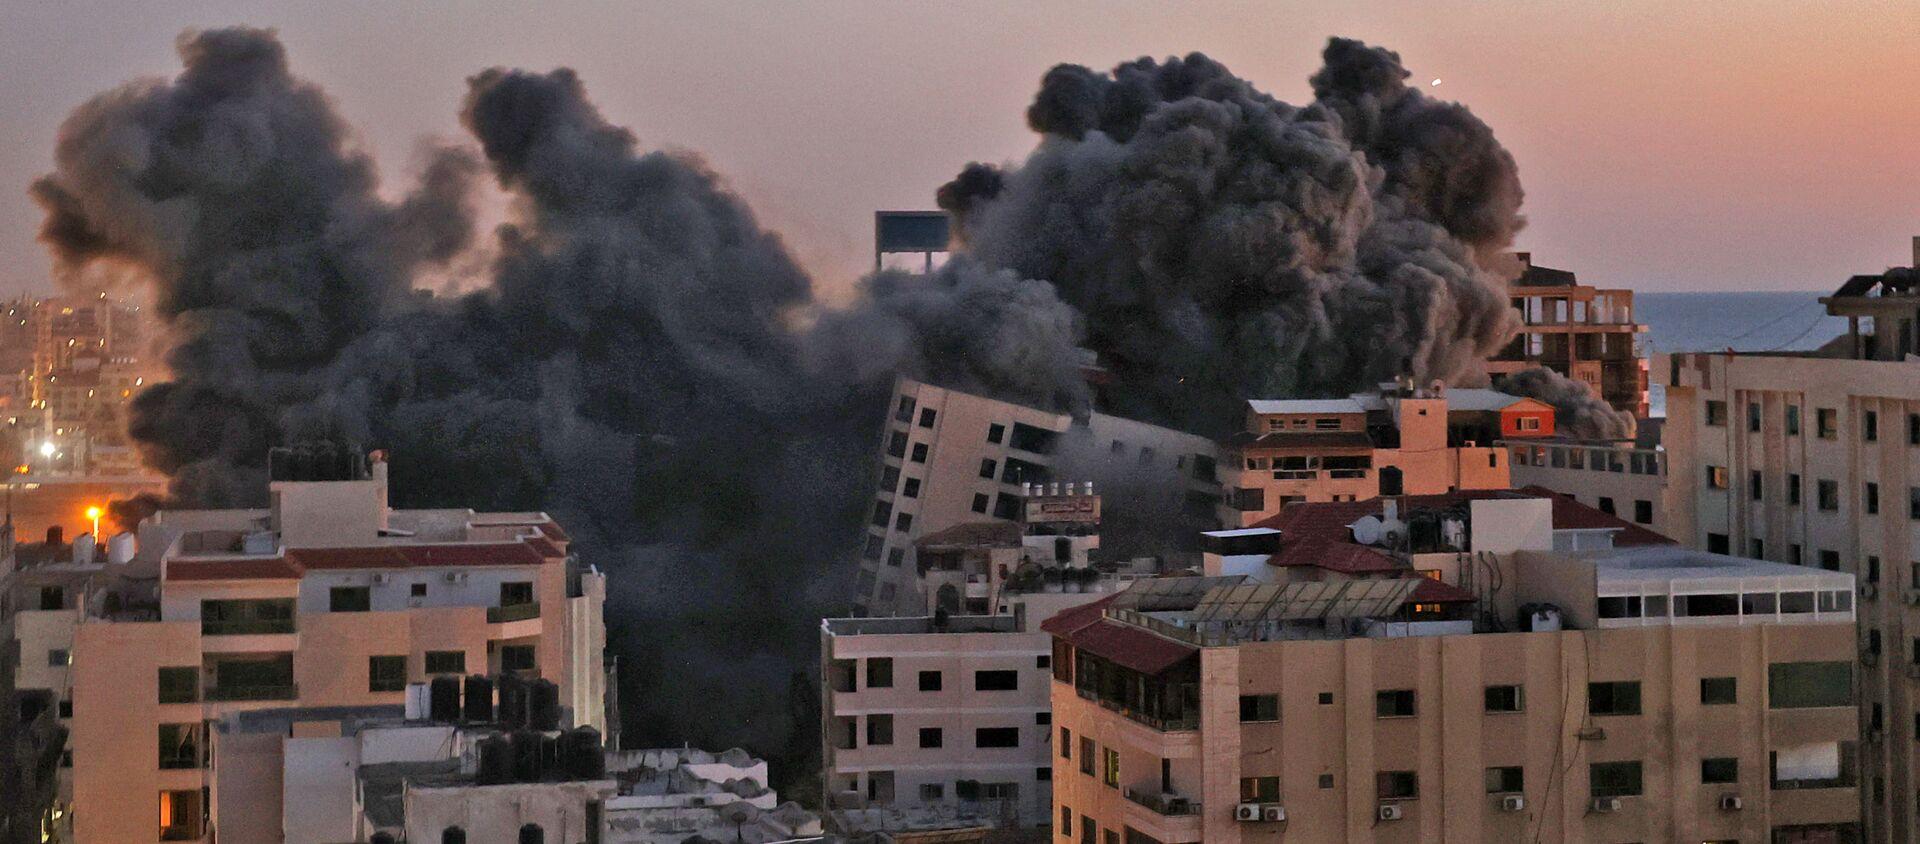 Il numero di morti dopo i bombardamenti israeliani contro la Striscia di Gaza è salito a 30, tra cui dieci bambini, e altre 203 persone sono rimaste ferite, ha affermato il ministero della Salute. - Sputnik Italia, 1920, 12.05.2021